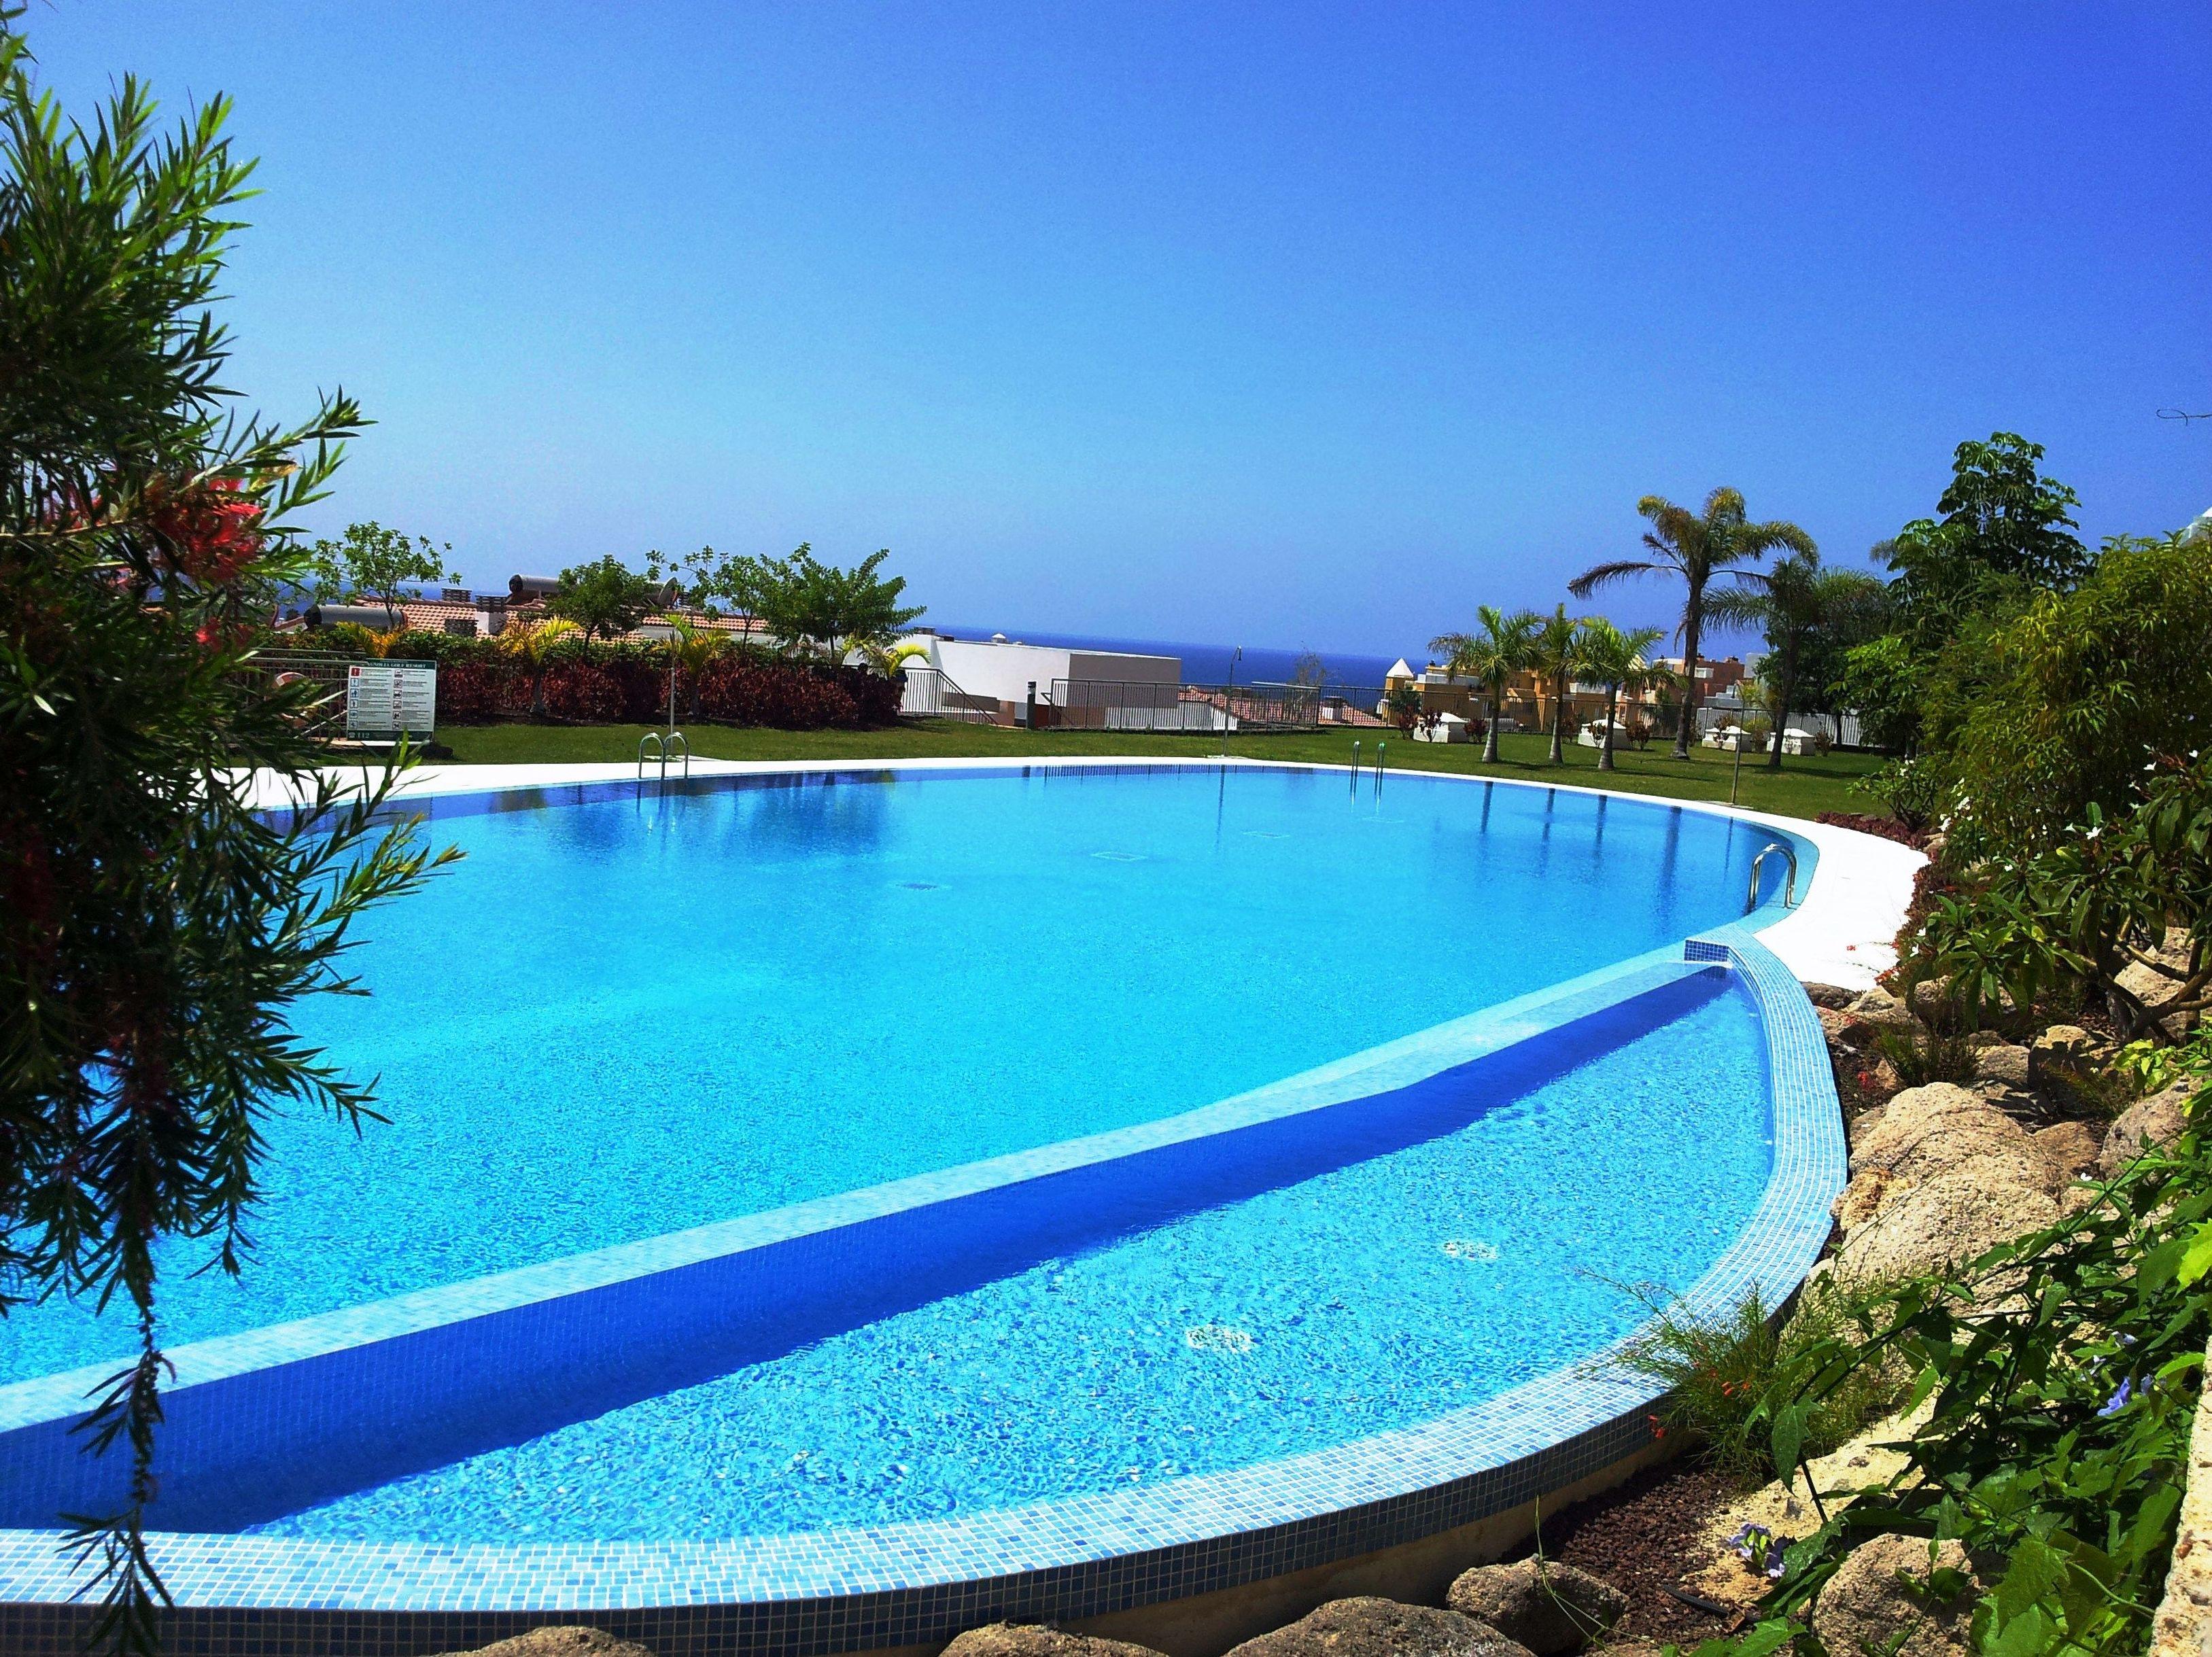 Compraventa de apartamentos en Tenerife, La Caleta